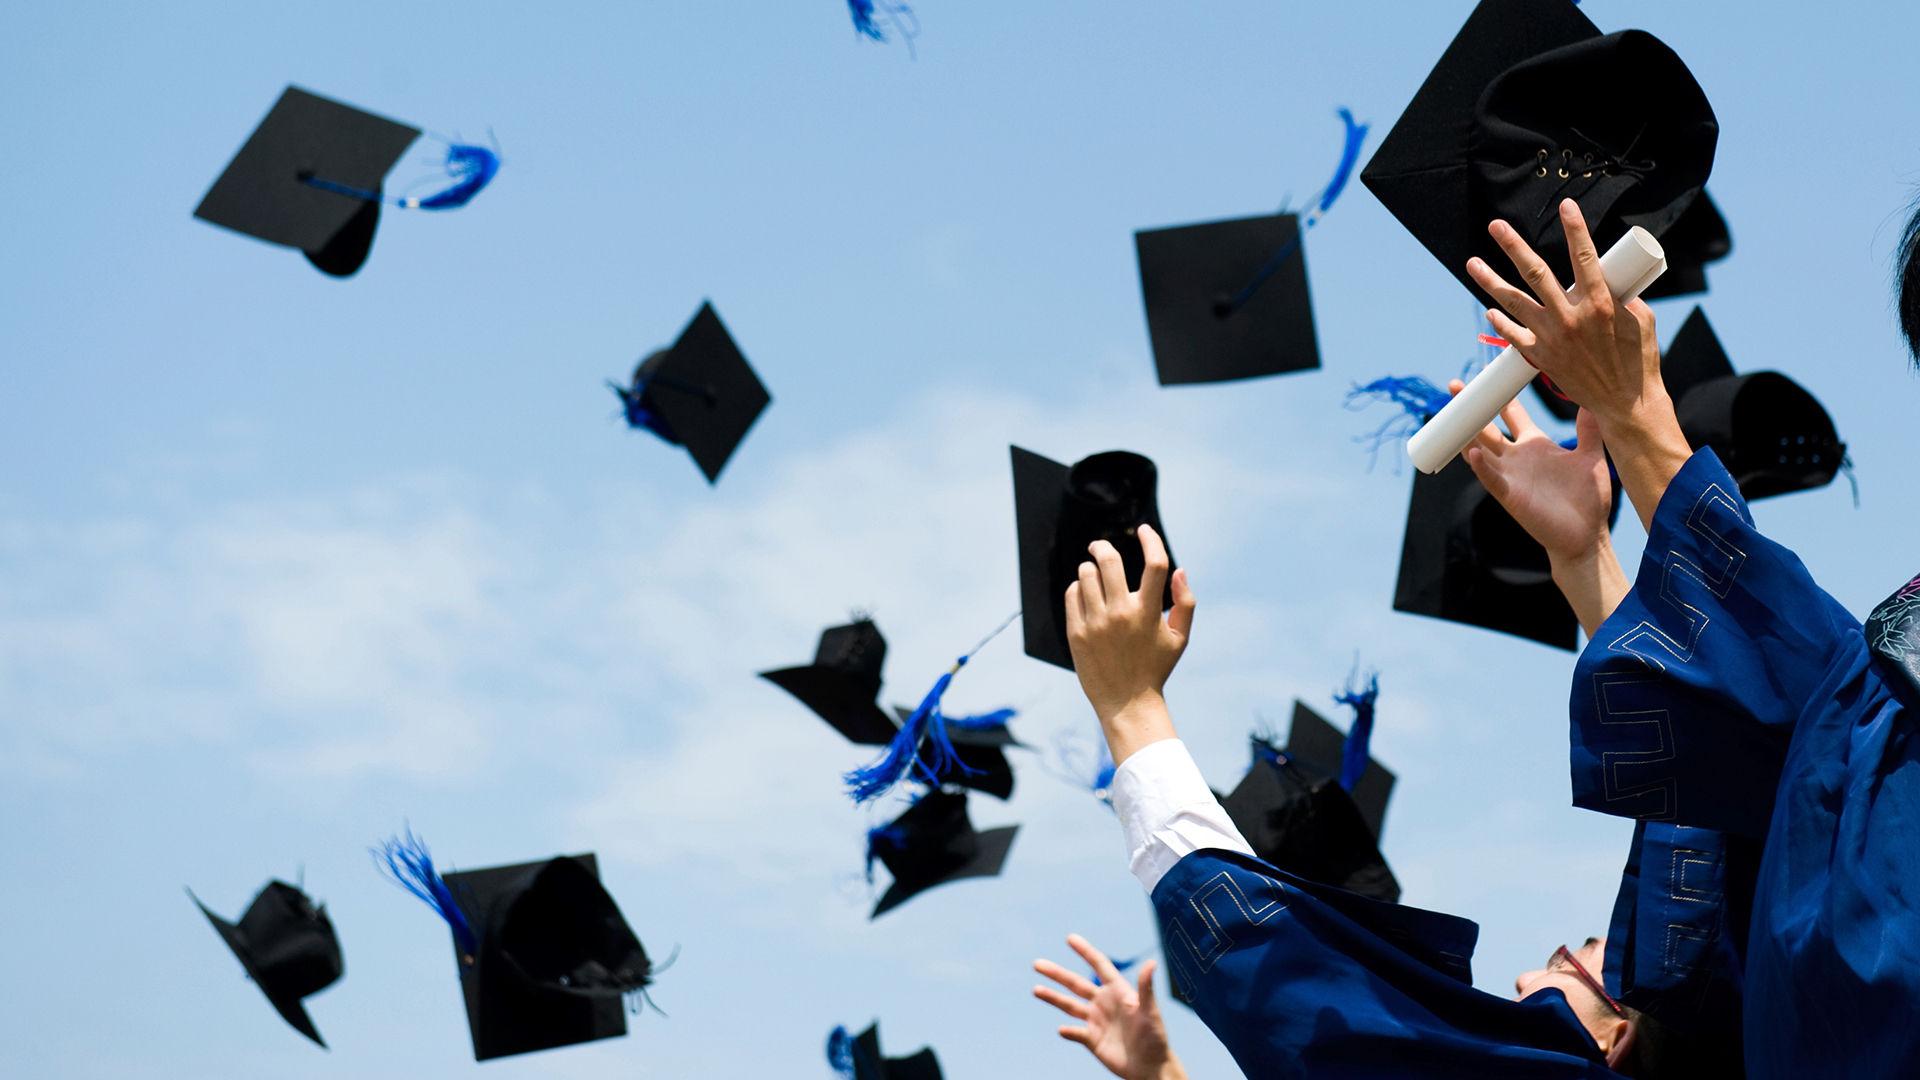 صور التهنئة بالتخرج من الكلية  (7)